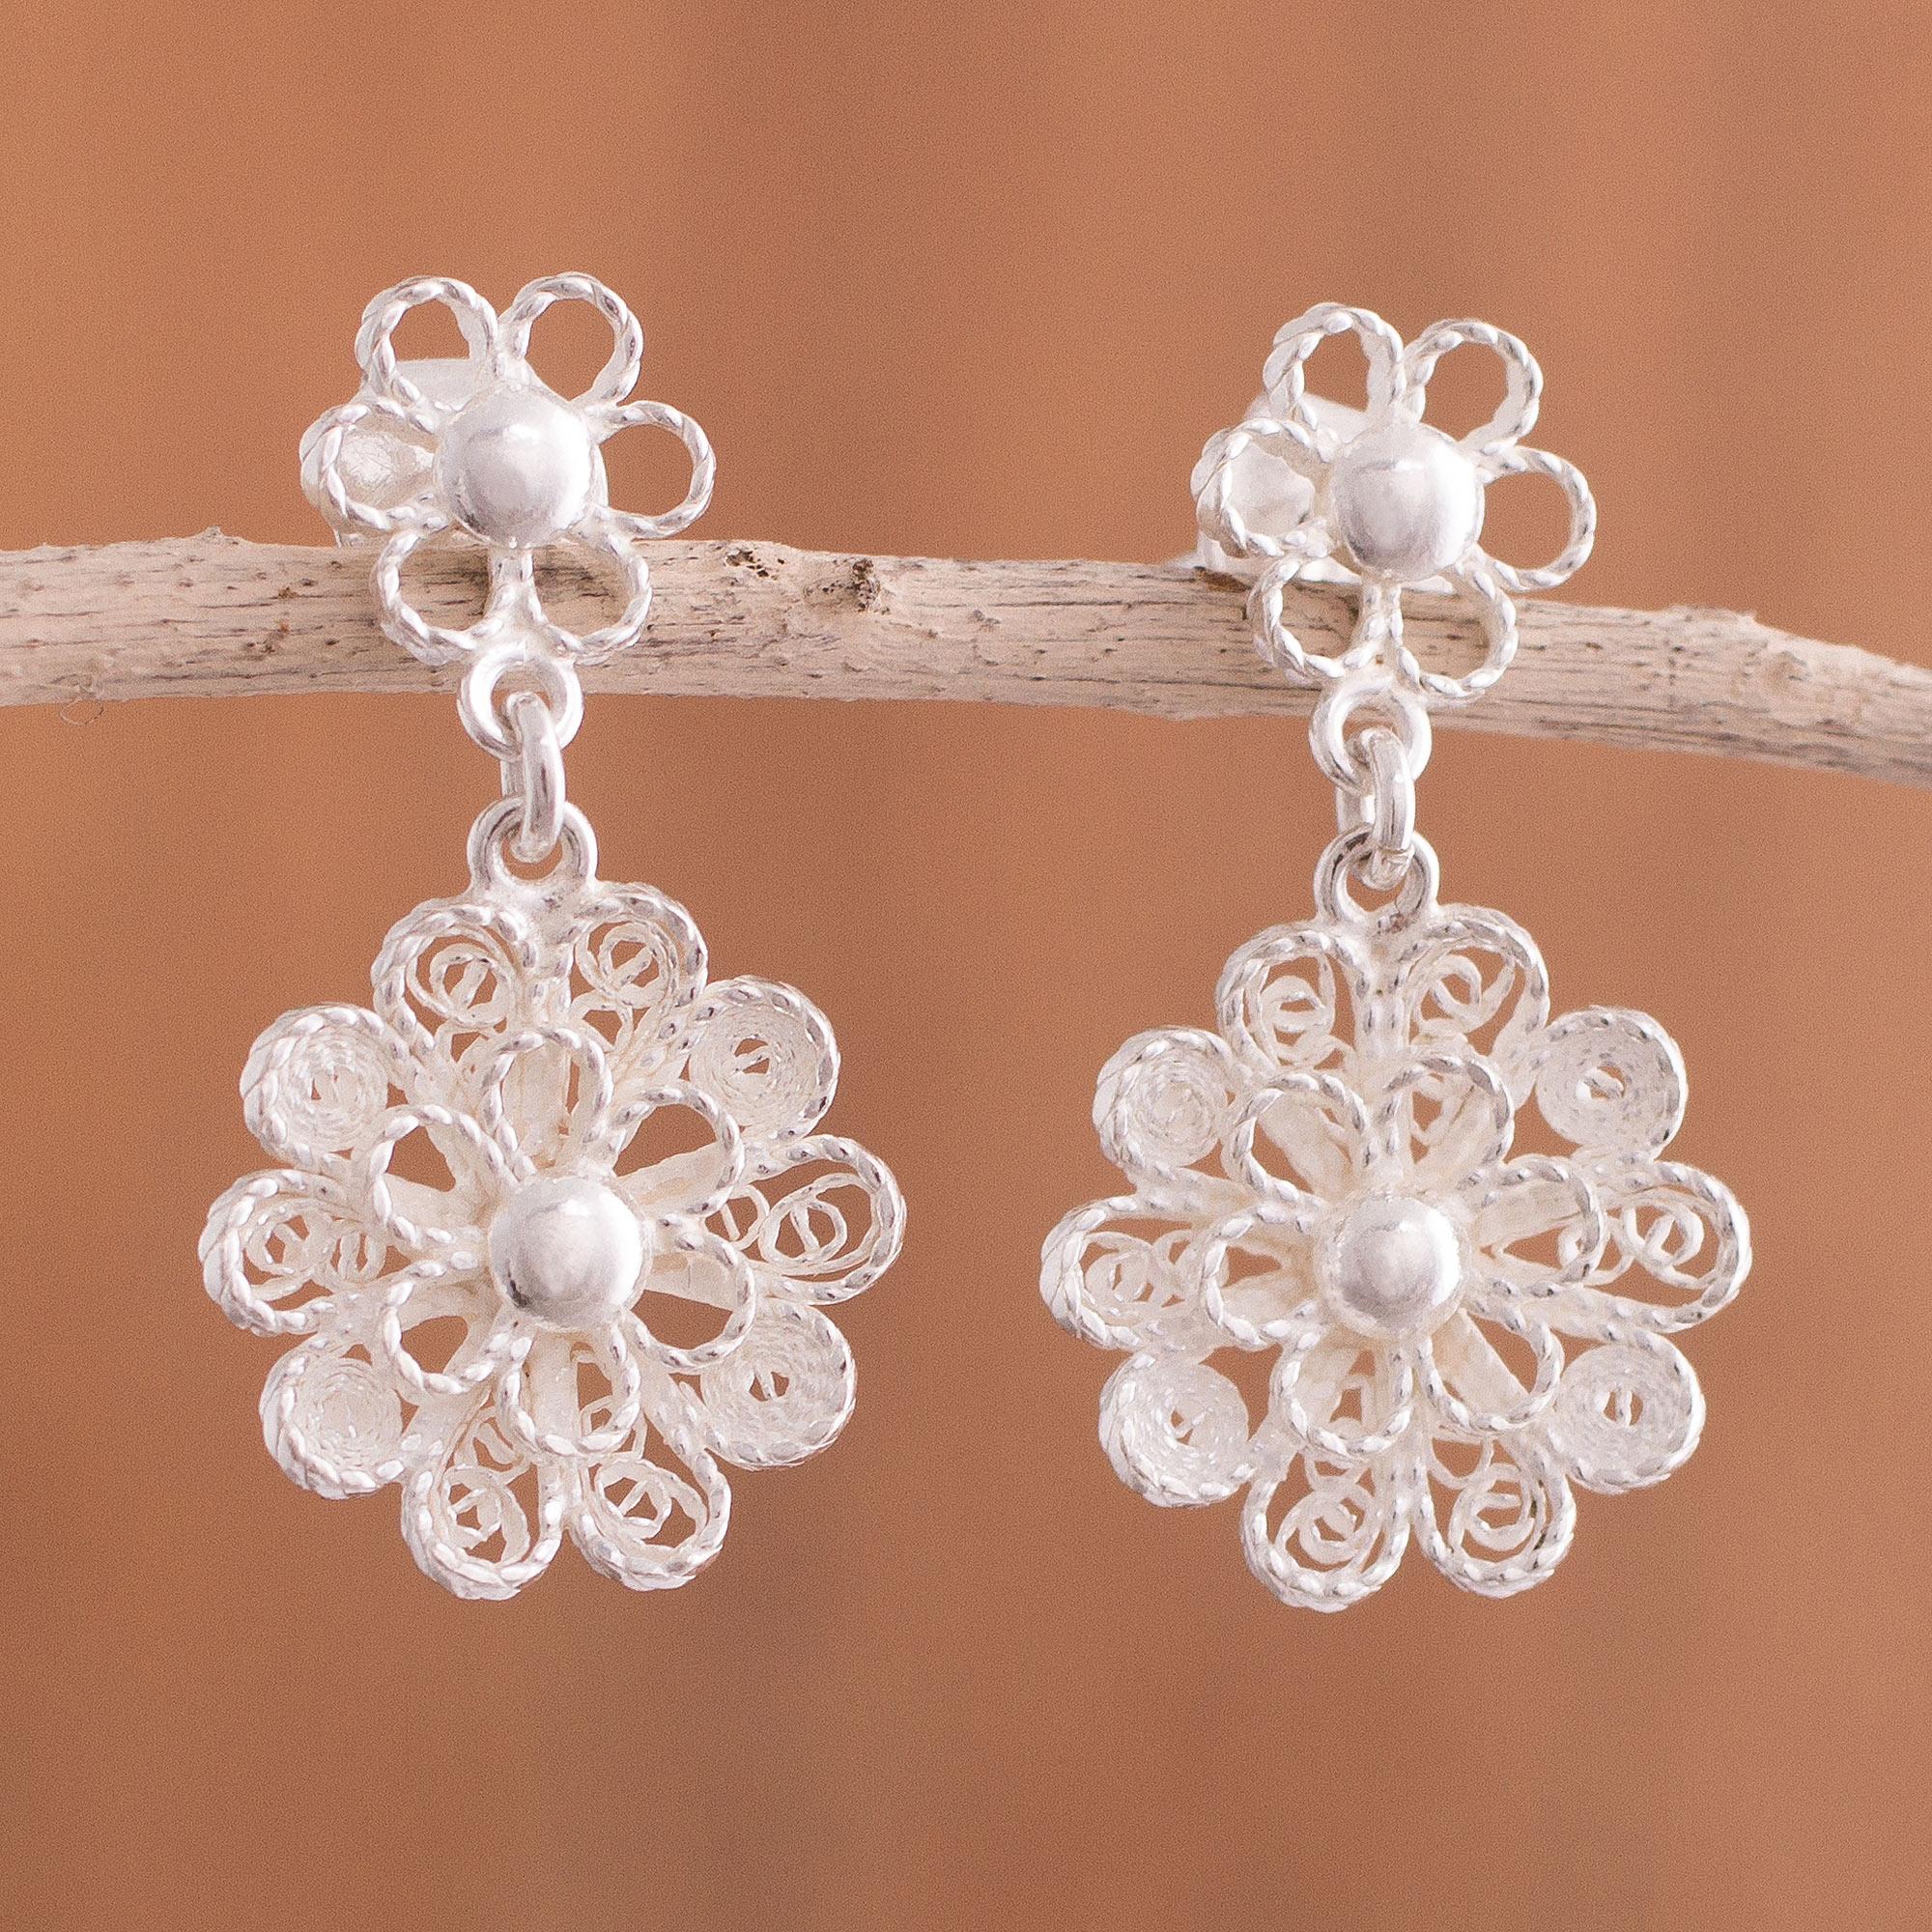 Sterling Silver Filigree Earrings Dangle Drop Earrings  Floral Flower Design